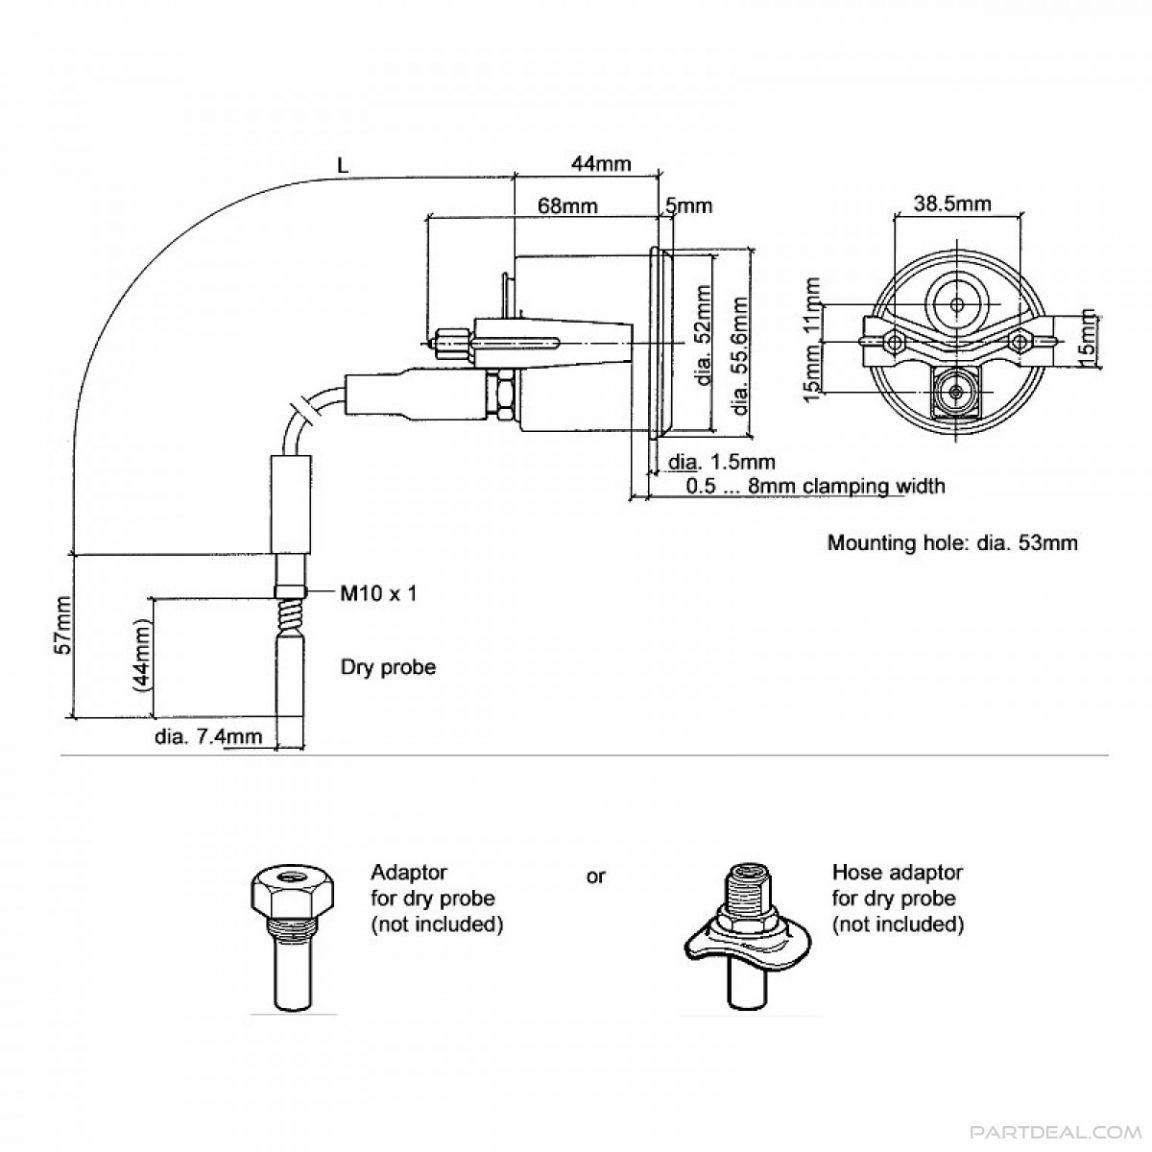 hight resolution of stunning vdo air temperature wiring diagram inspiration